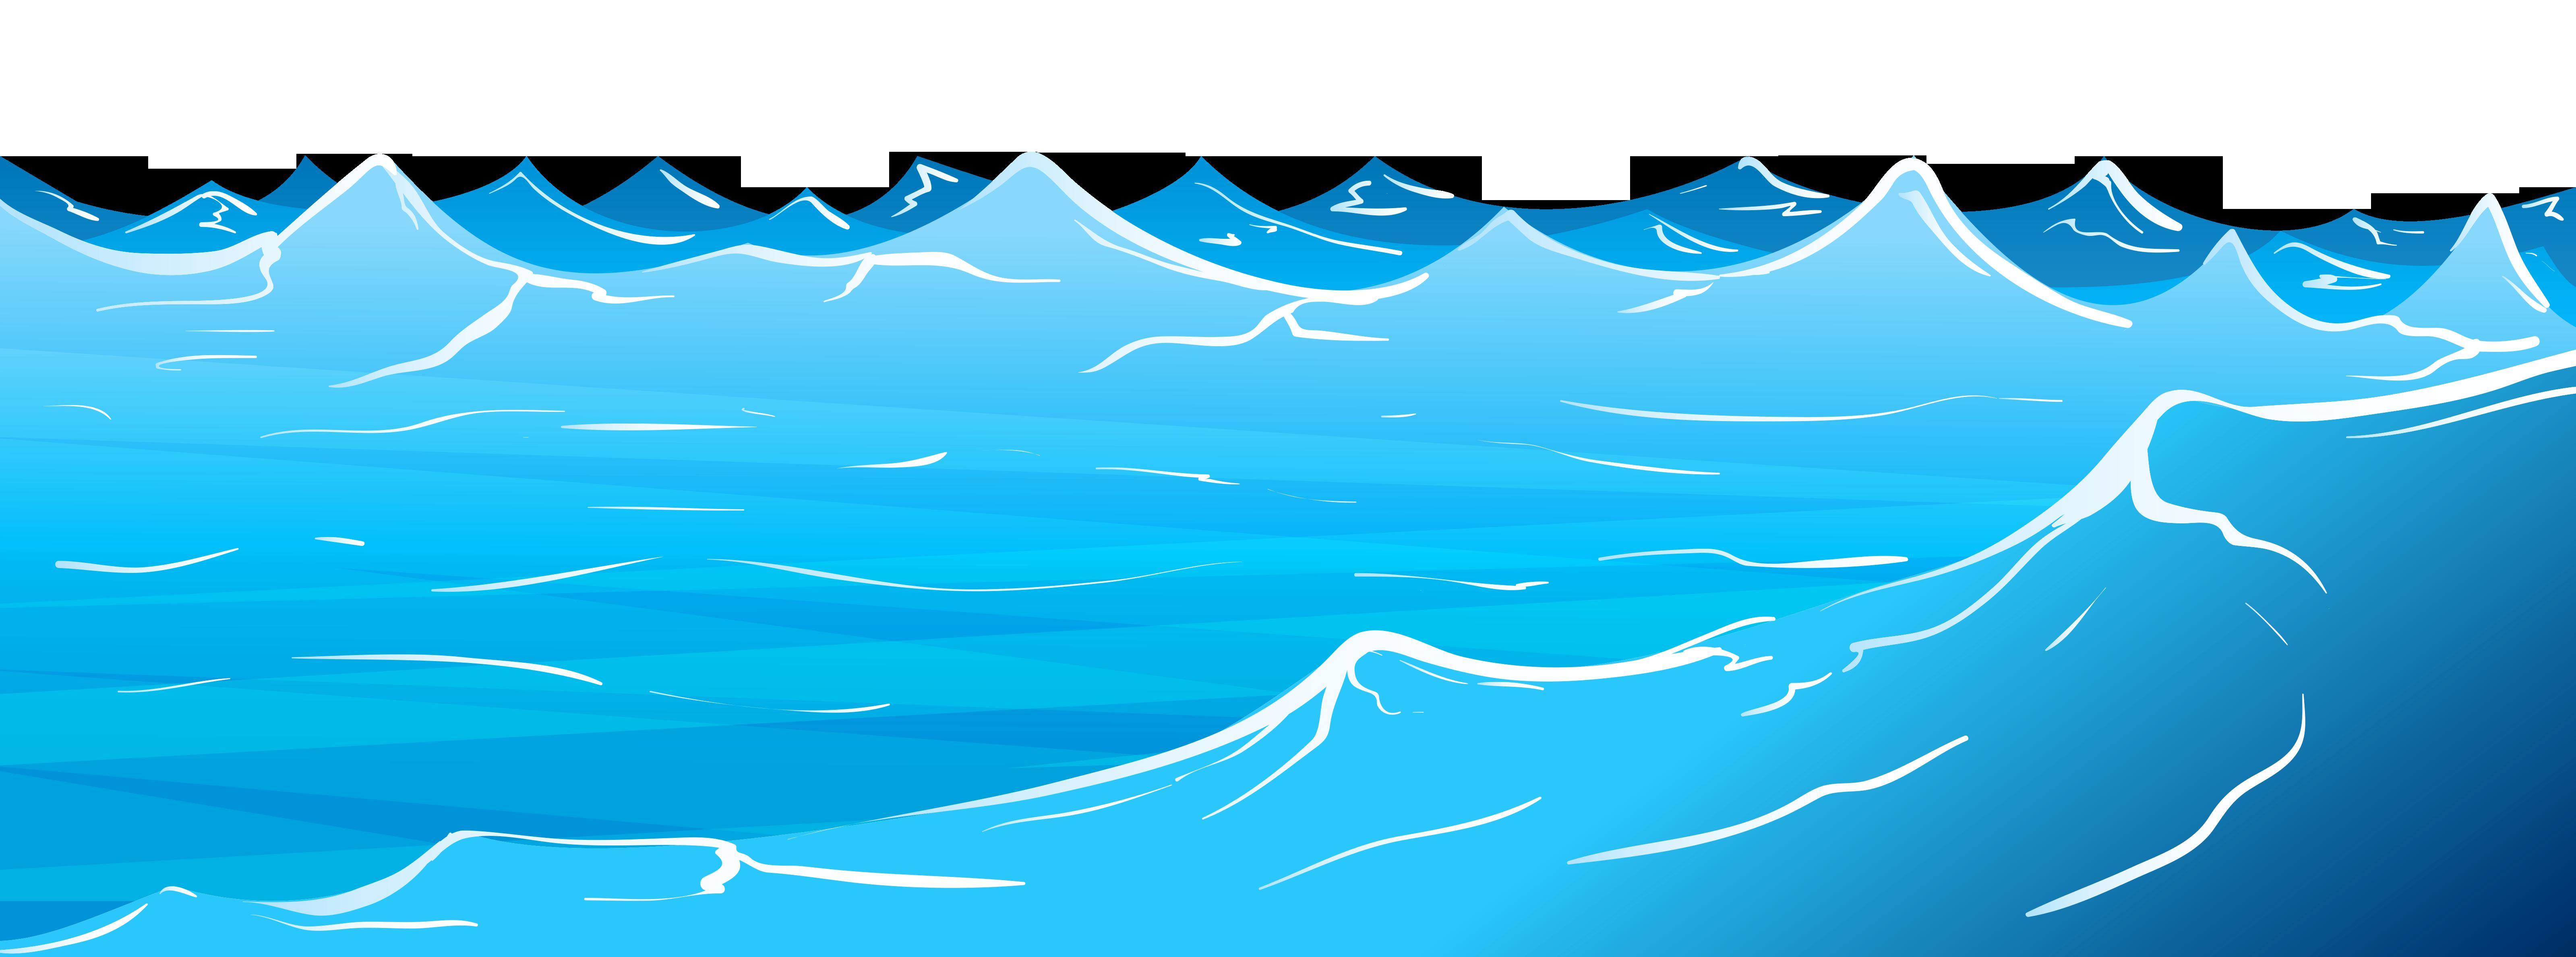 Waves ocean water clipart-Waves ocean water clipart-1